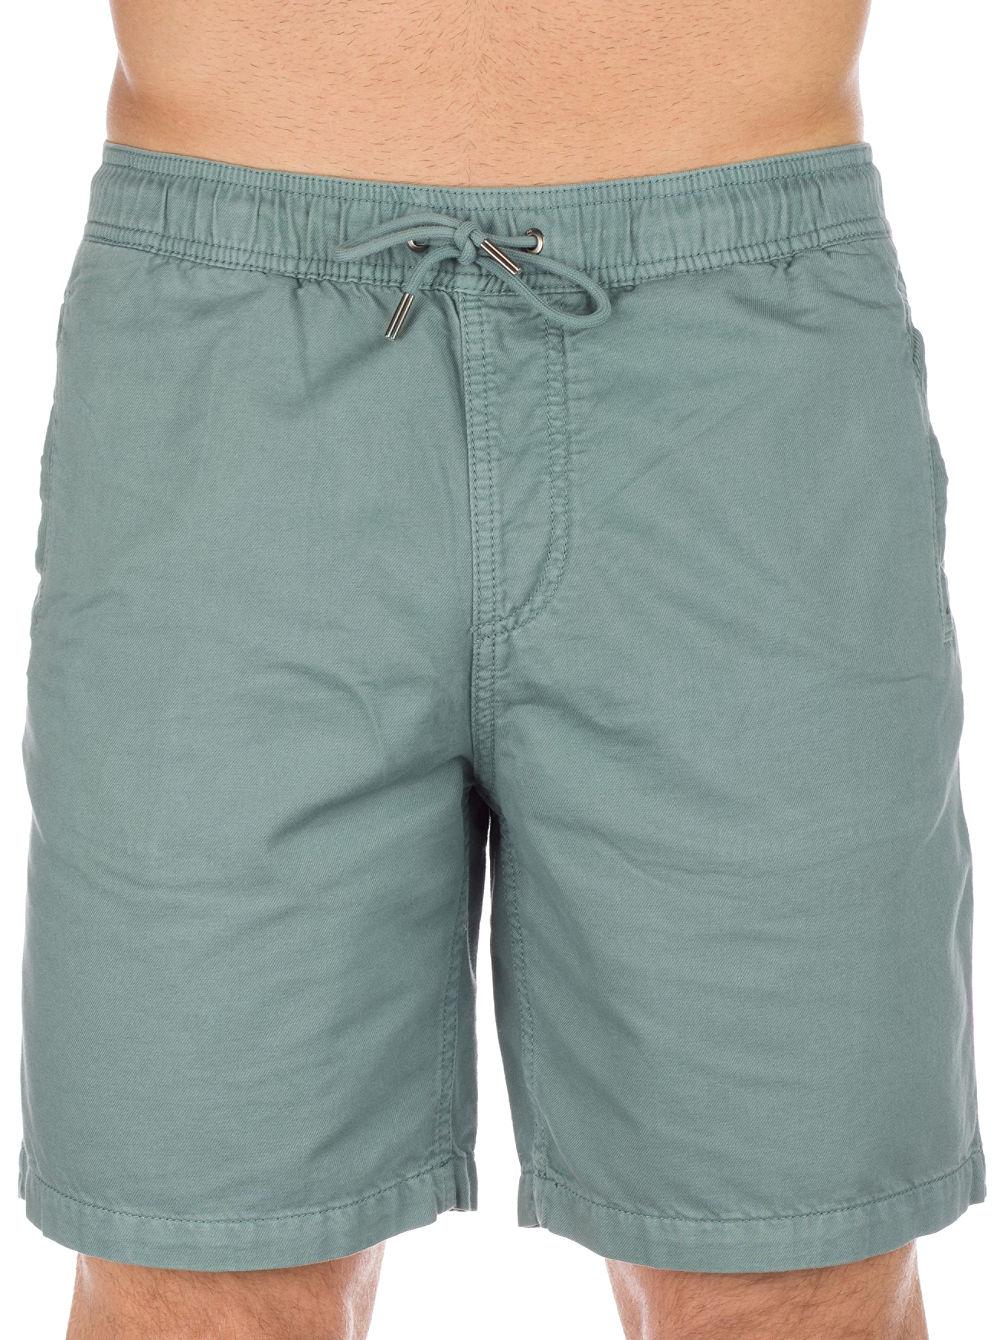 Brainwashed Shorts